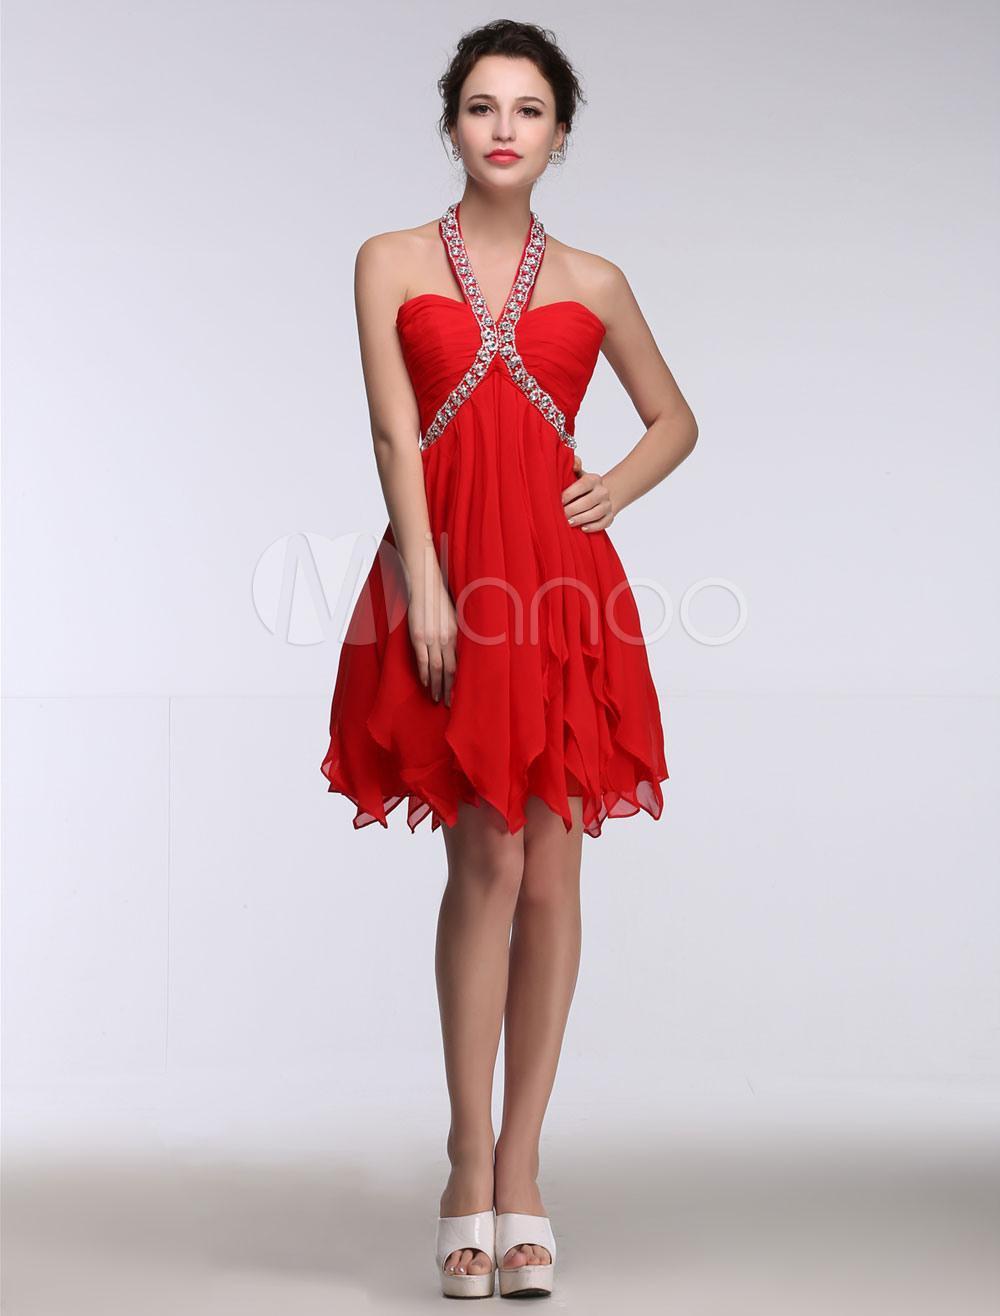 Ballkleider Rot Ball Kleider Chiffon Hochzeit A-Linie- Cocktailkleider  Mini-Kleid Mit Halter Ärmellos Formelle Kleider Und Reißverschluss